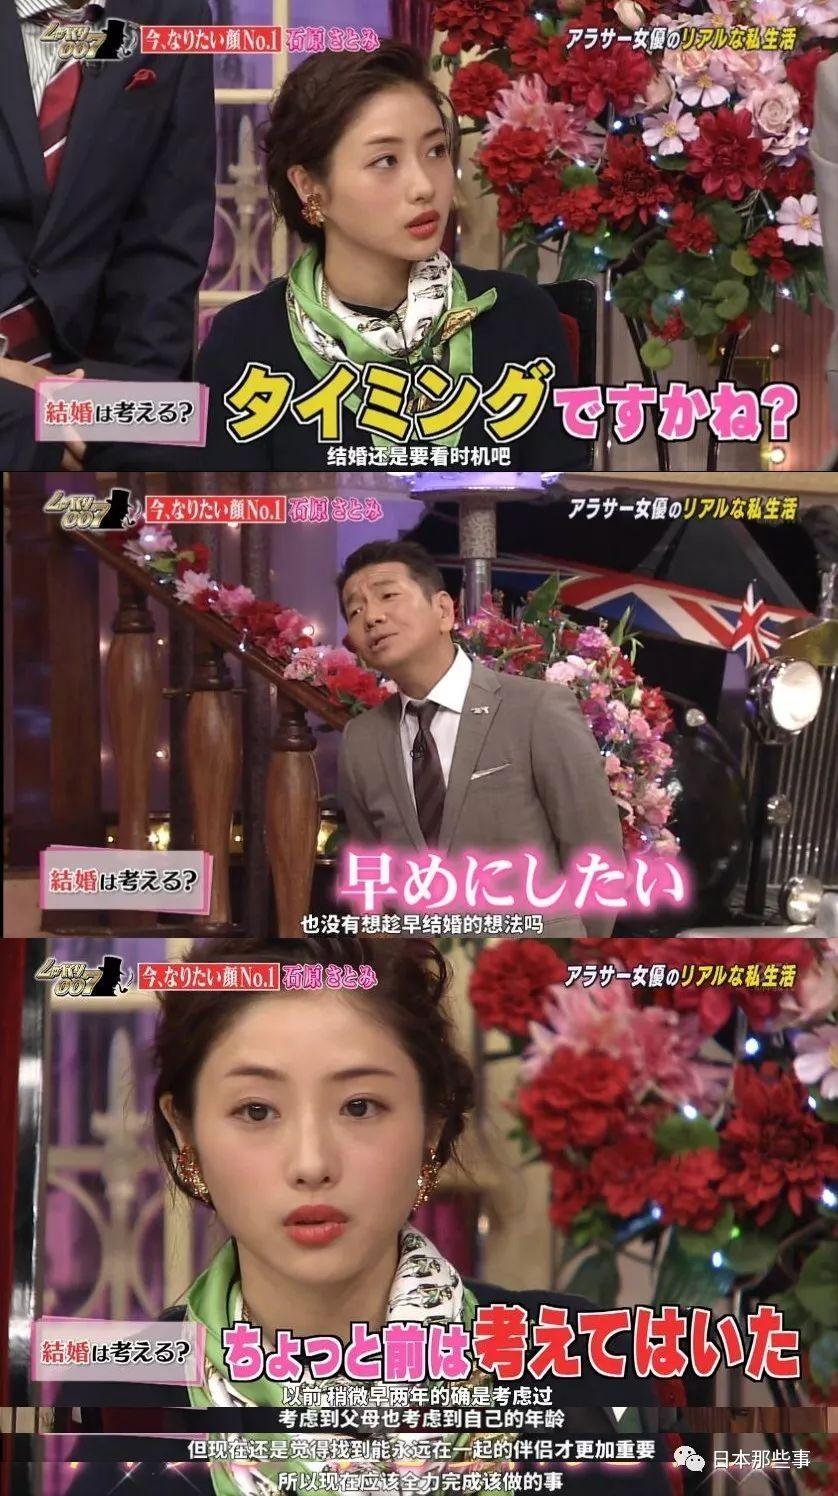 新垣结衣也想结婚? 10位日本女星择偶条件大盘点